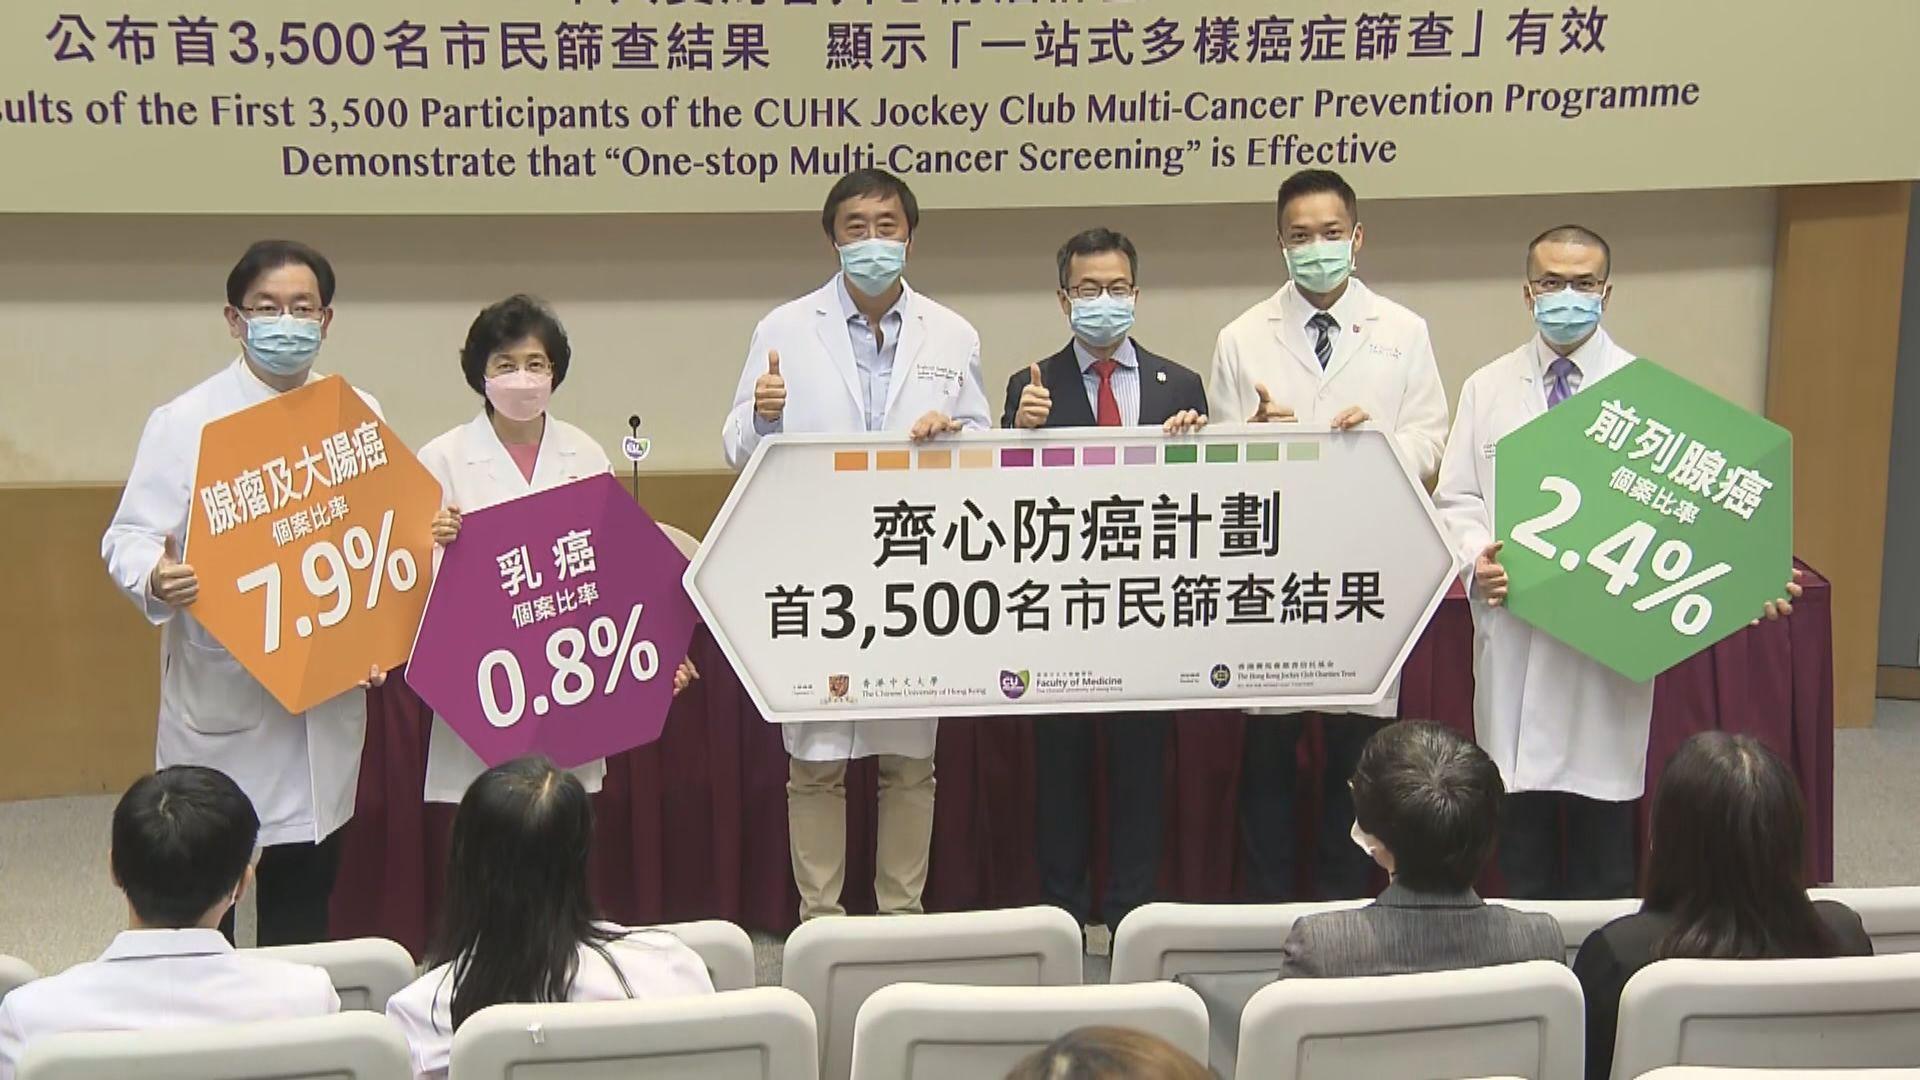 中大為逾三千人進行癌症篩查 十人確診大腸癌